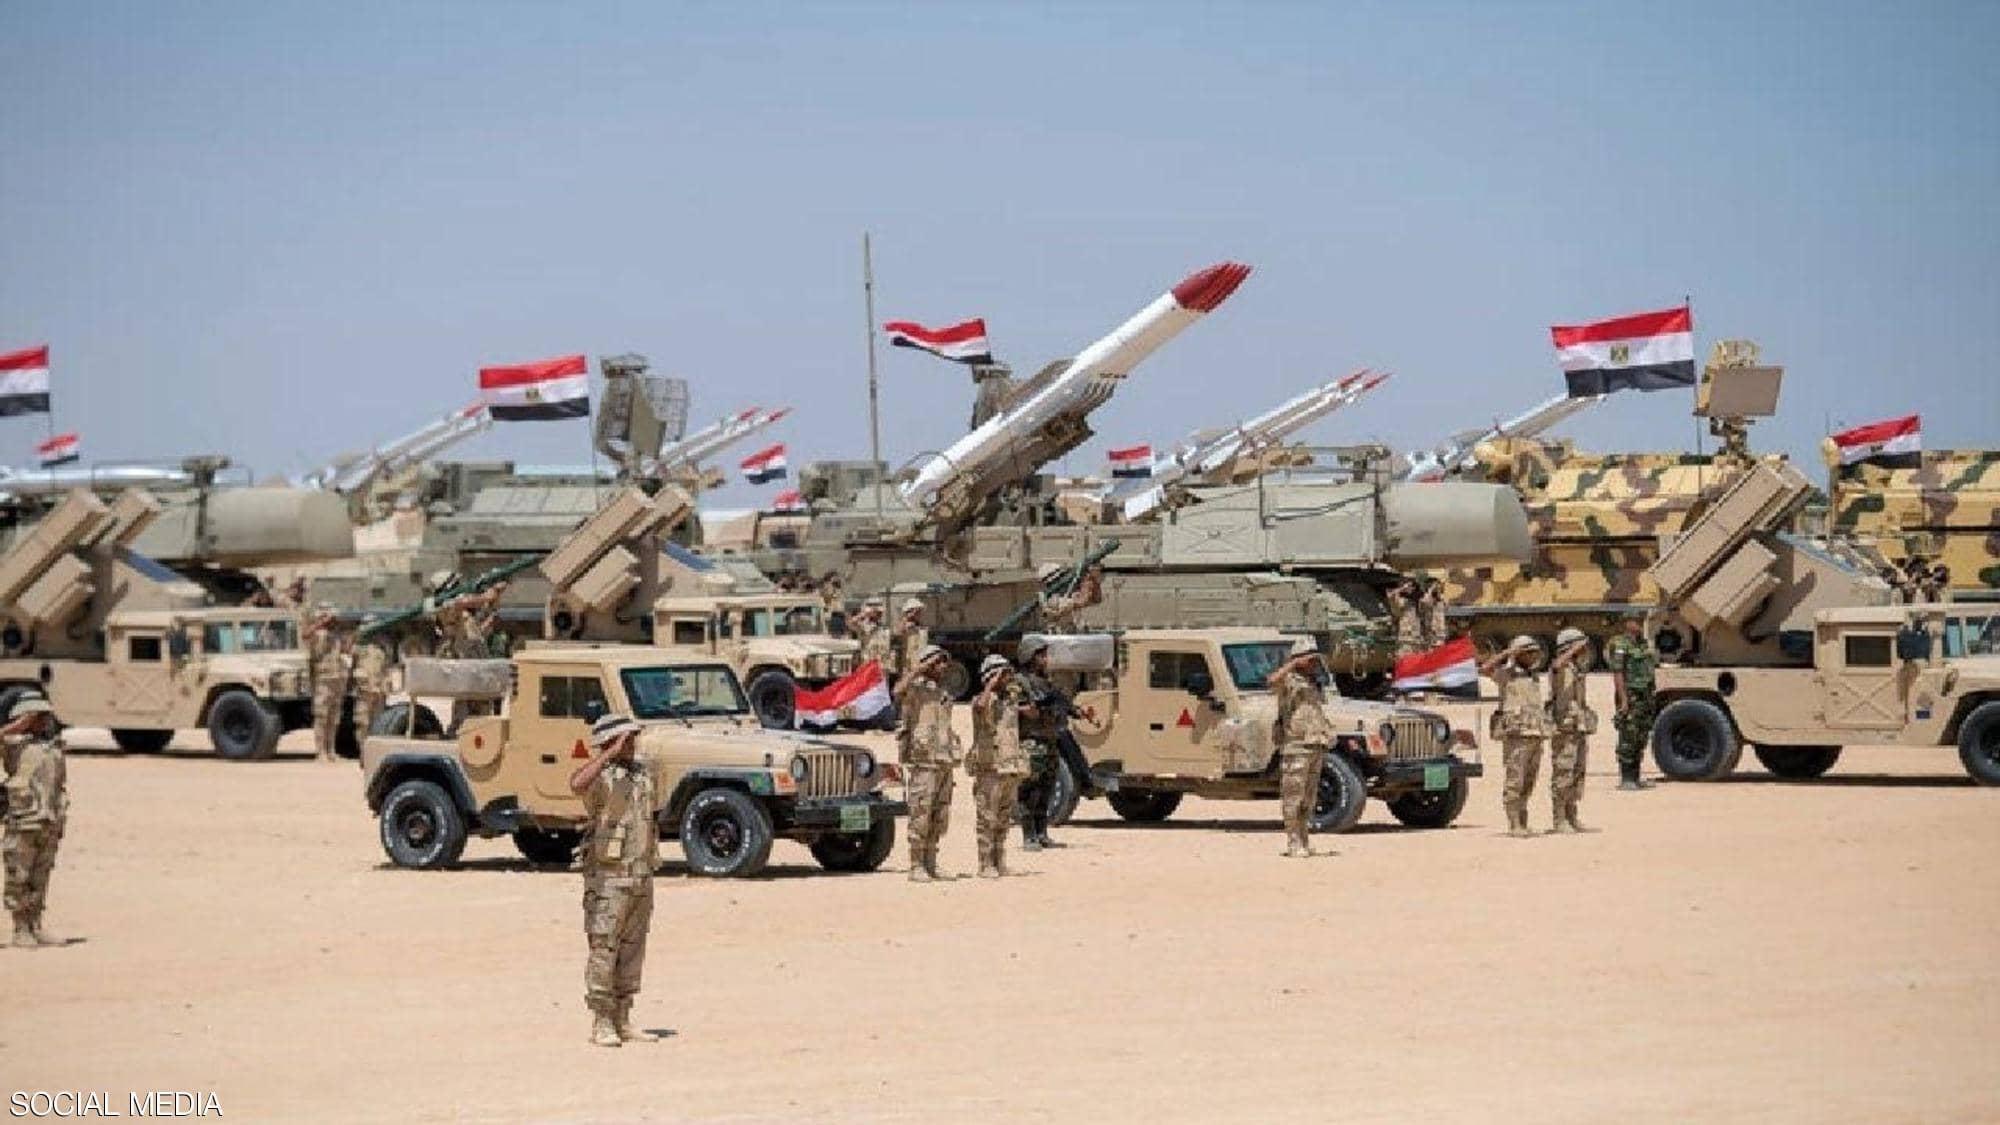 أول تعليق للجيش المصري على أنباء إرسال قوات إلى سوريا